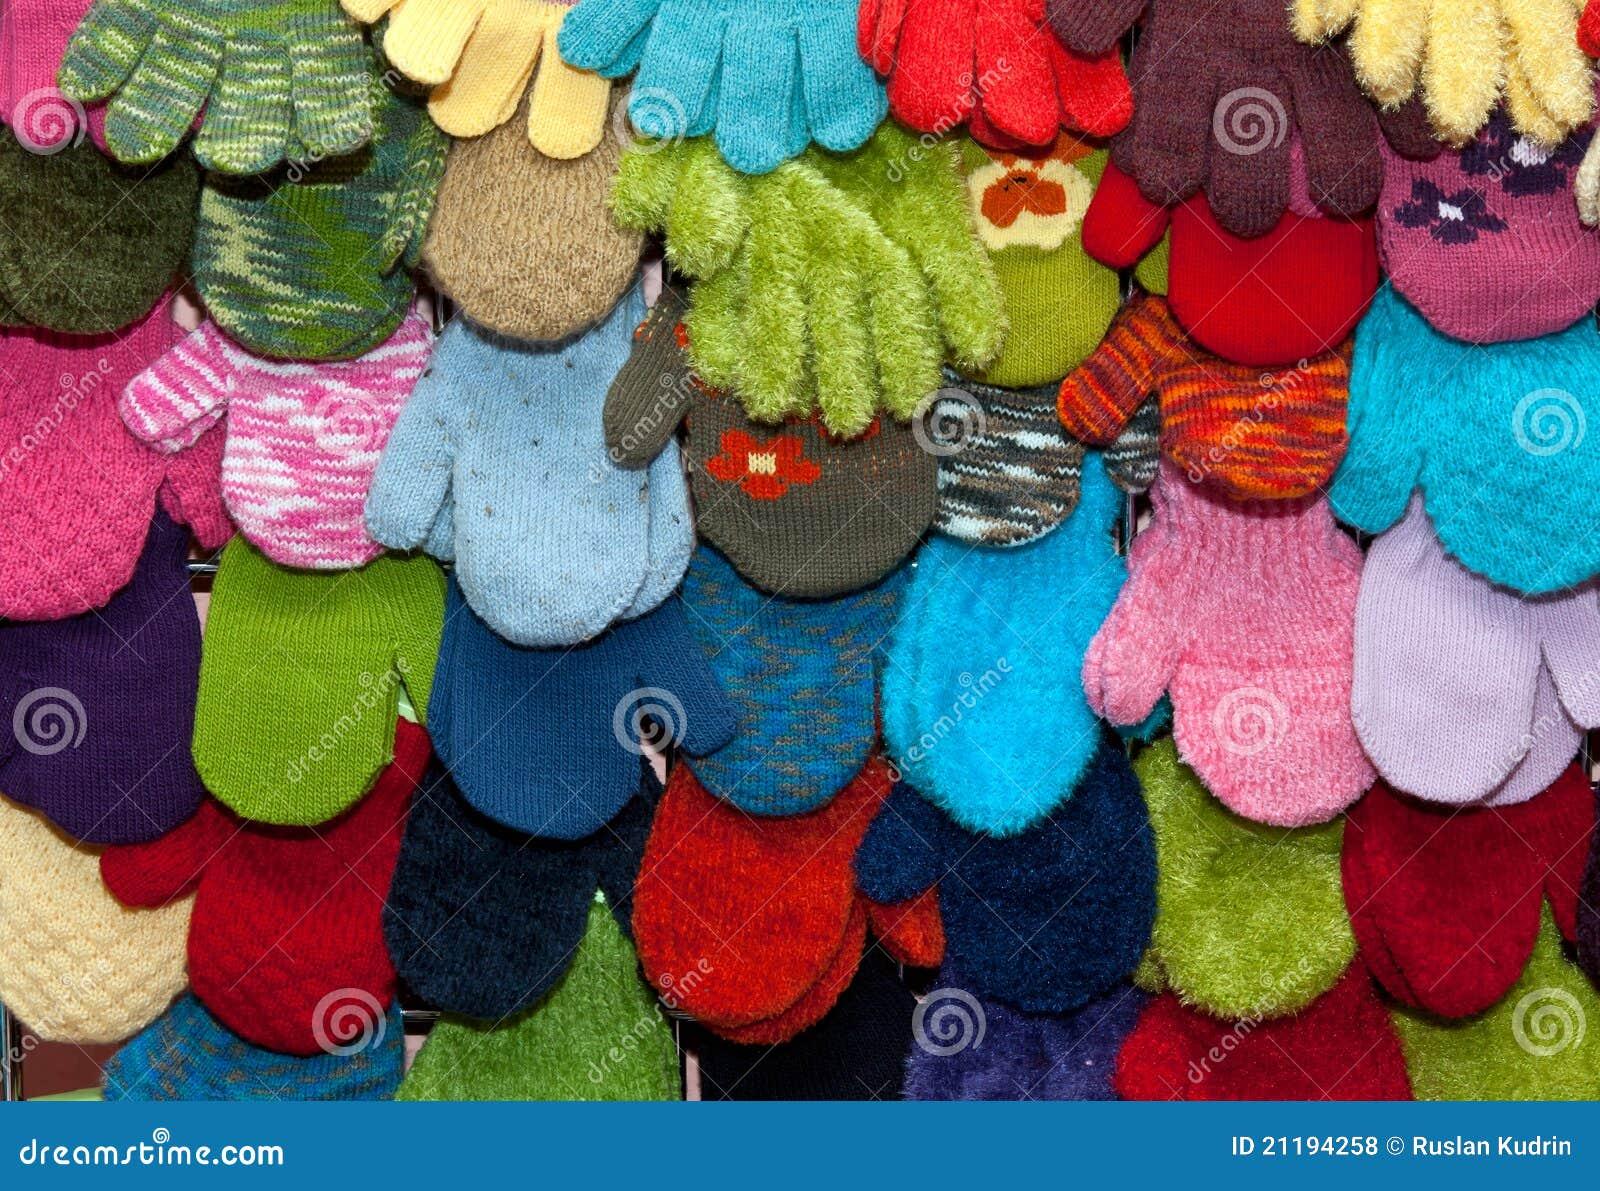 Showcase children s mittens and gloves